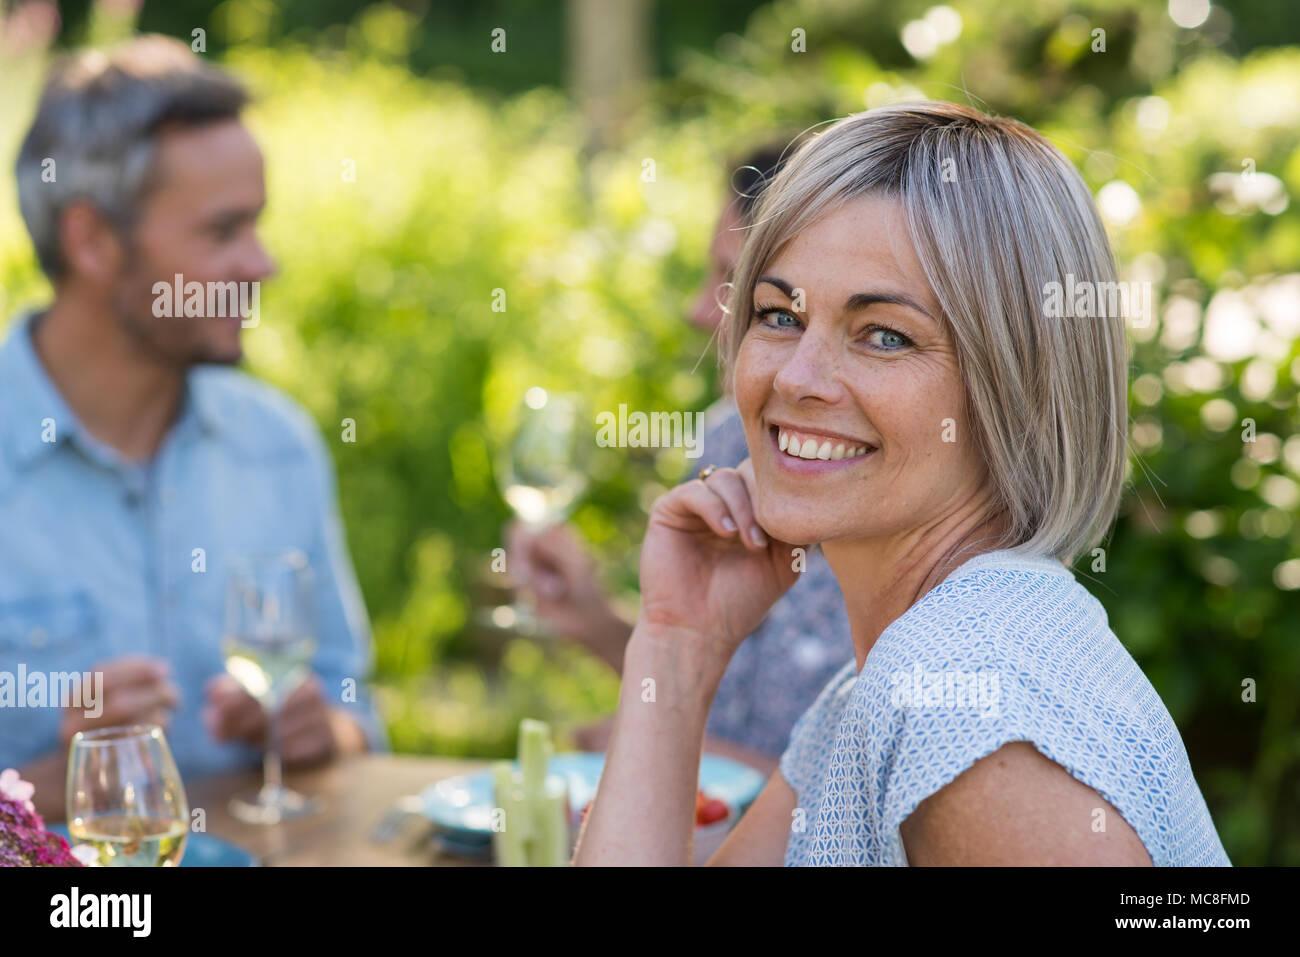 Un grupo de amigos se reunieron para compartir una comida alrededor de una mesa en el jardín. Se centran en una hermosa mujer mirando la cámara Imagen De Stock